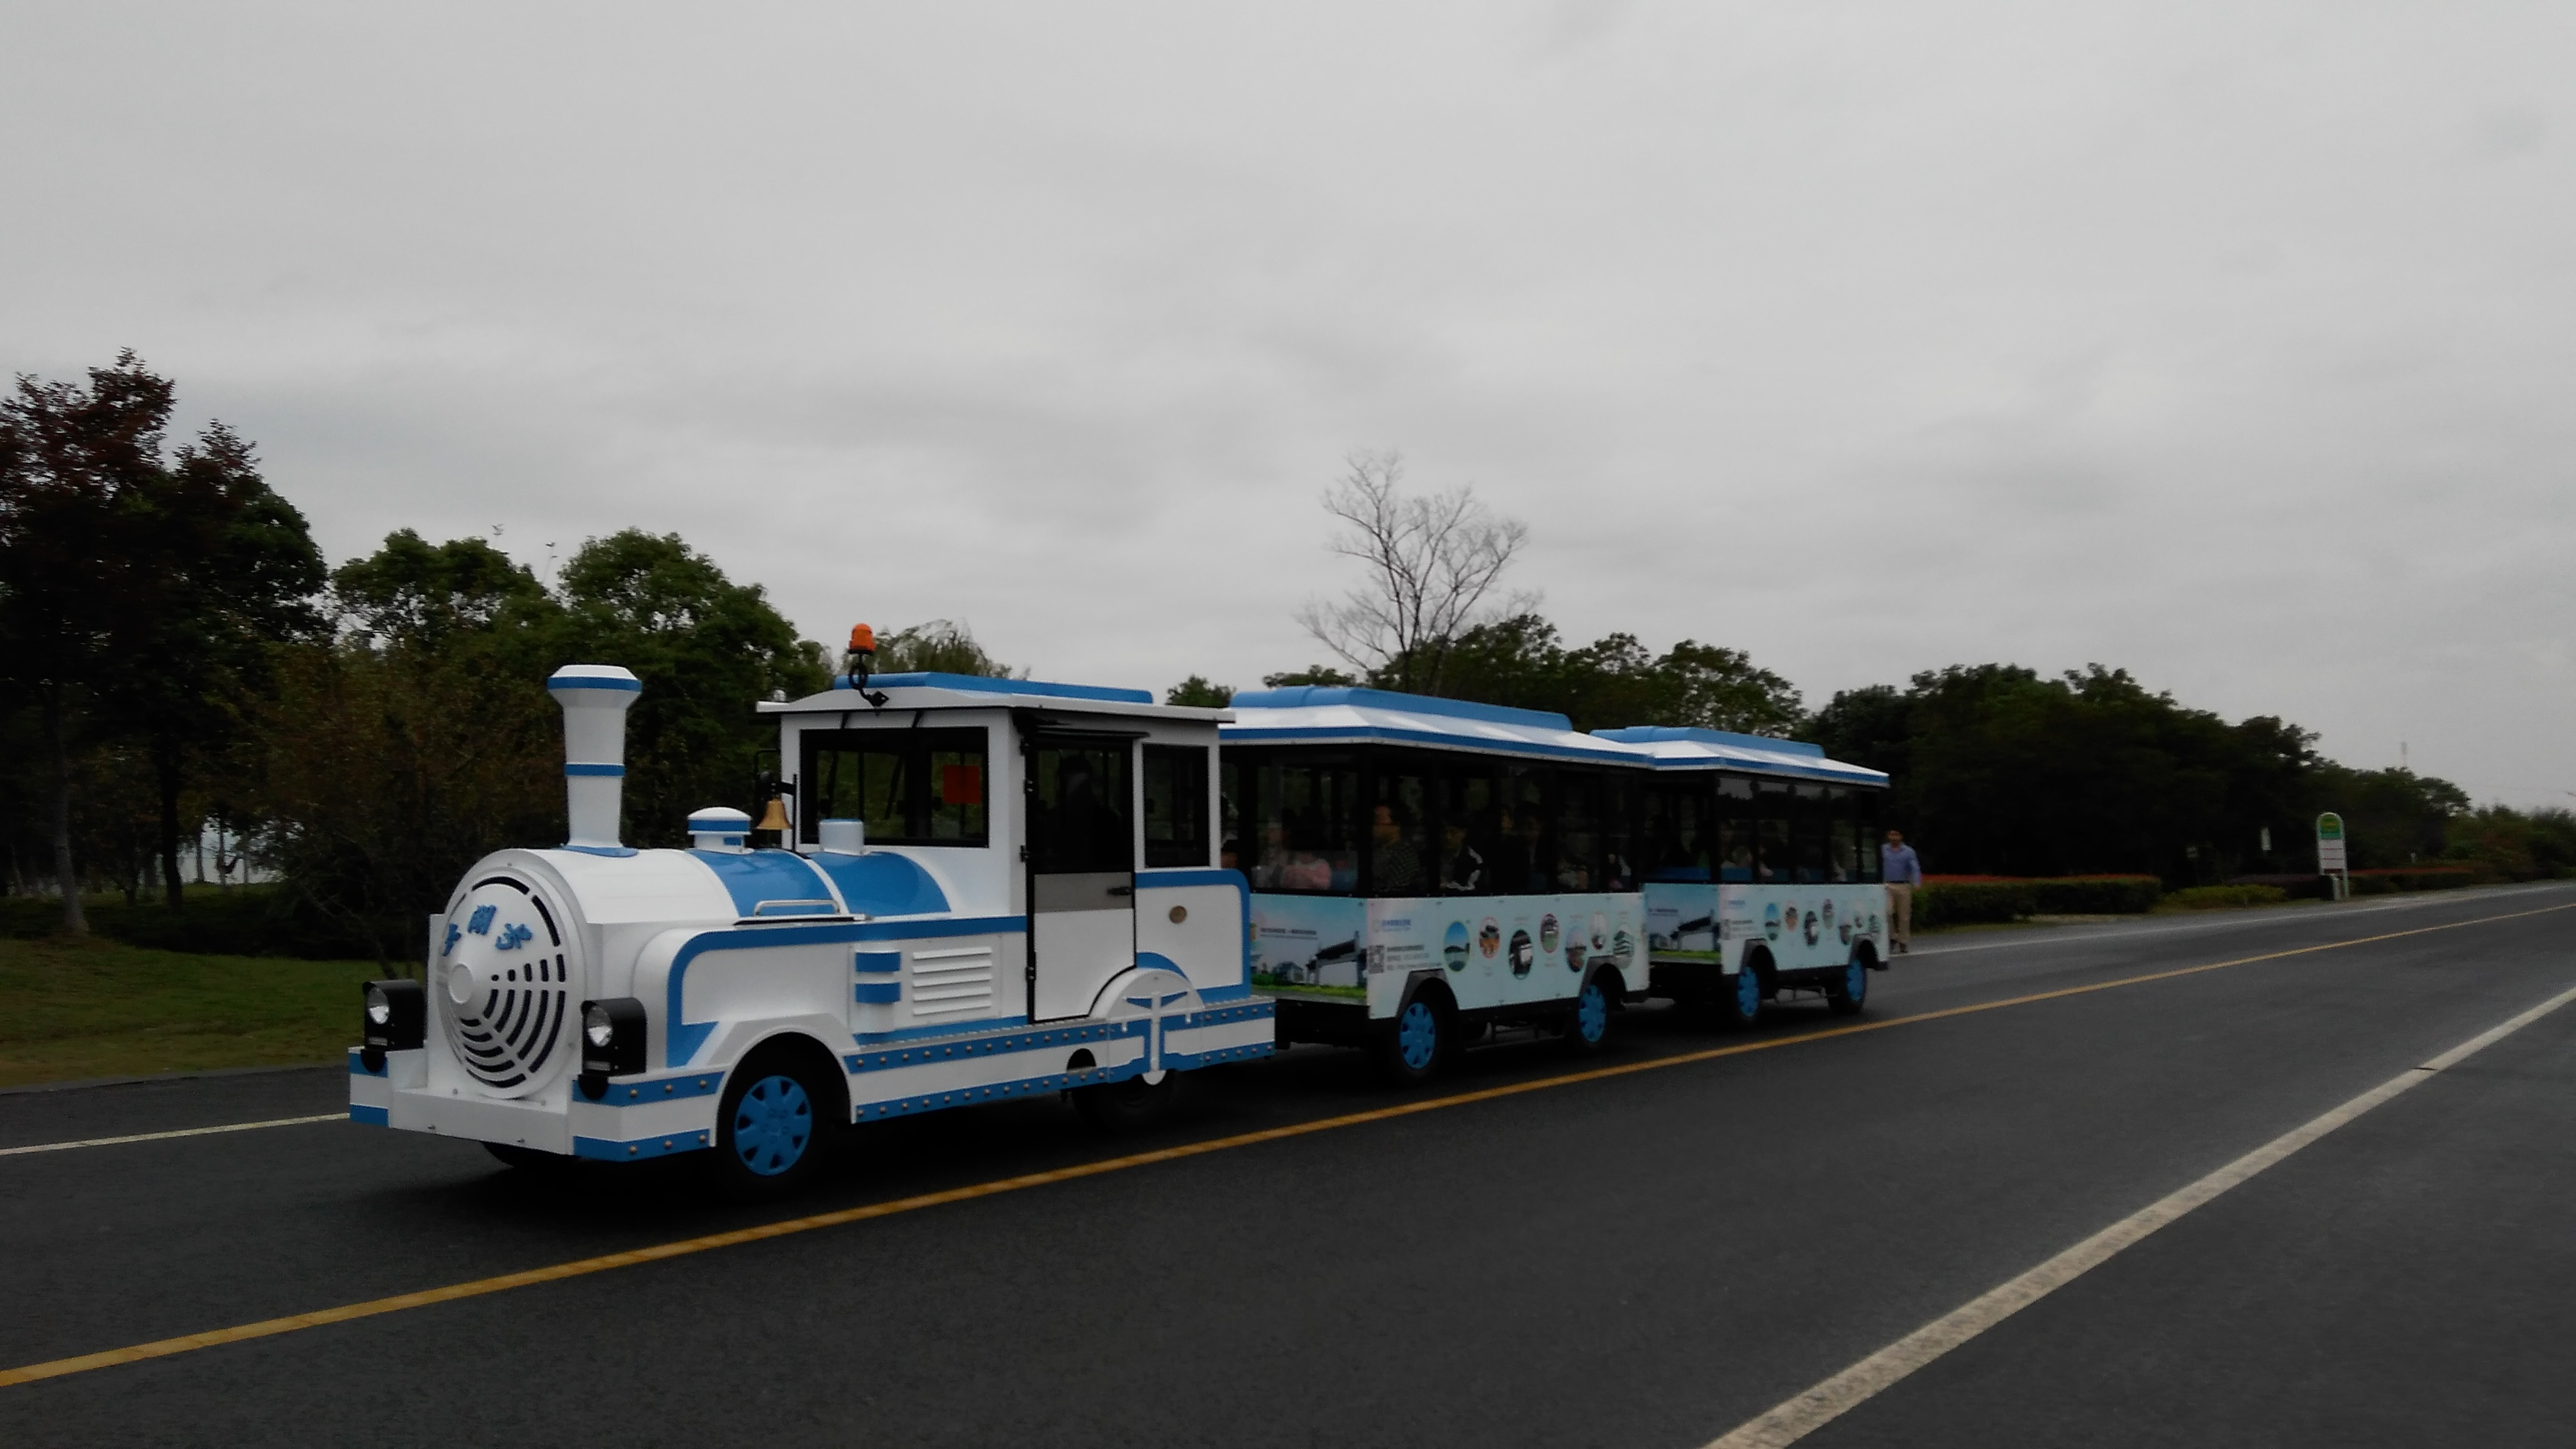 常州淹城野生动物园,济南野生动物园等景区合作成立观光小火车队伍